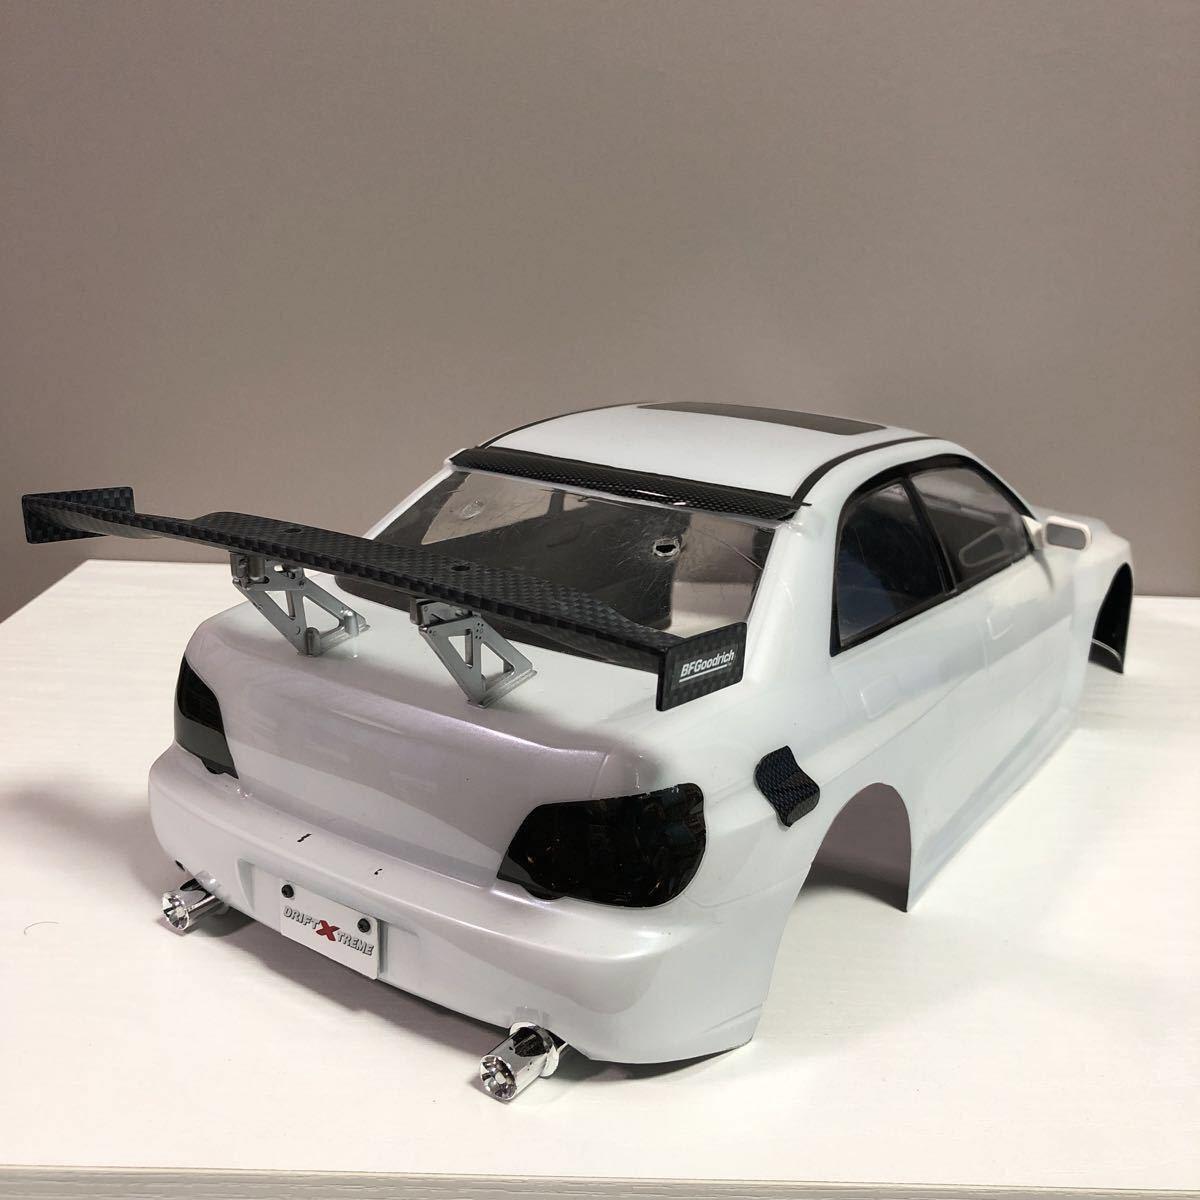 売切!1円スタート!タミヤ 1/10 電動RC ボディセット スバル インプレッサ WRC 塗装済 ジャンク 社外ウイング ライトユニット付_画像4